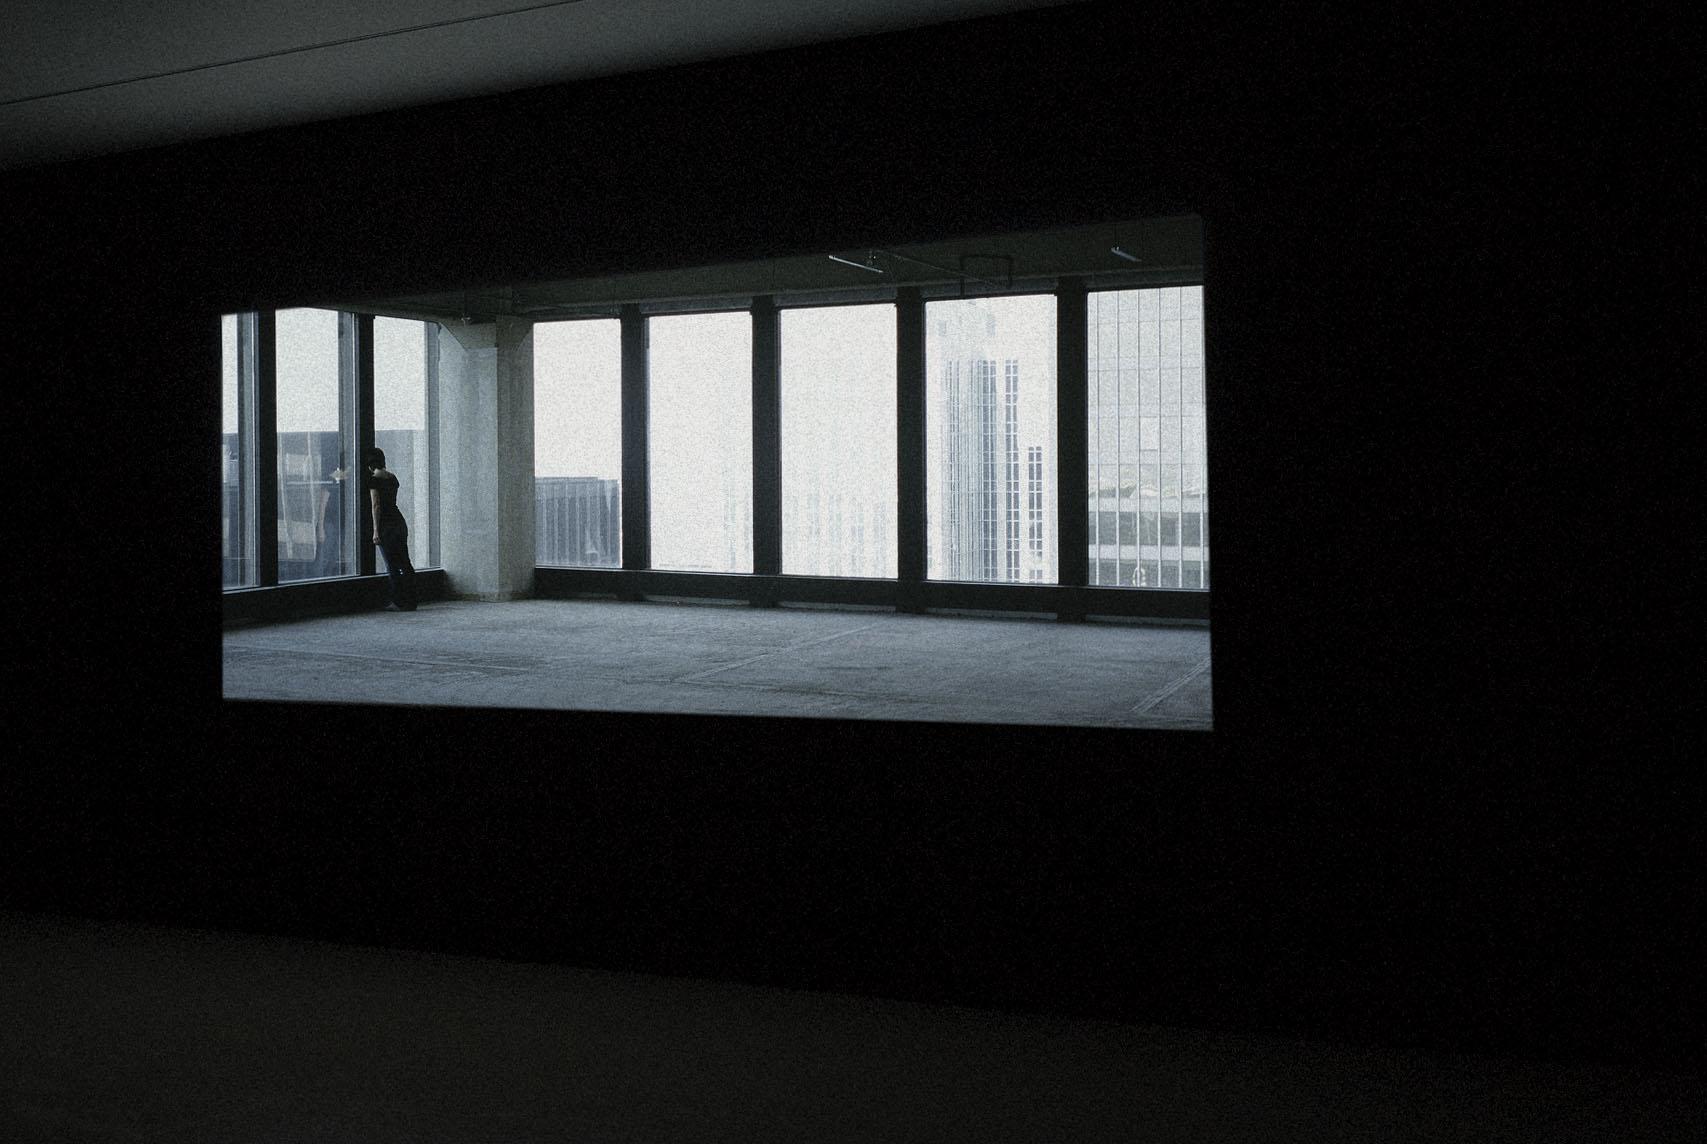 Pascal Grandmaison, I see you in reverse, film super-16 mm transféré sur support numérique et son, 14m 42s